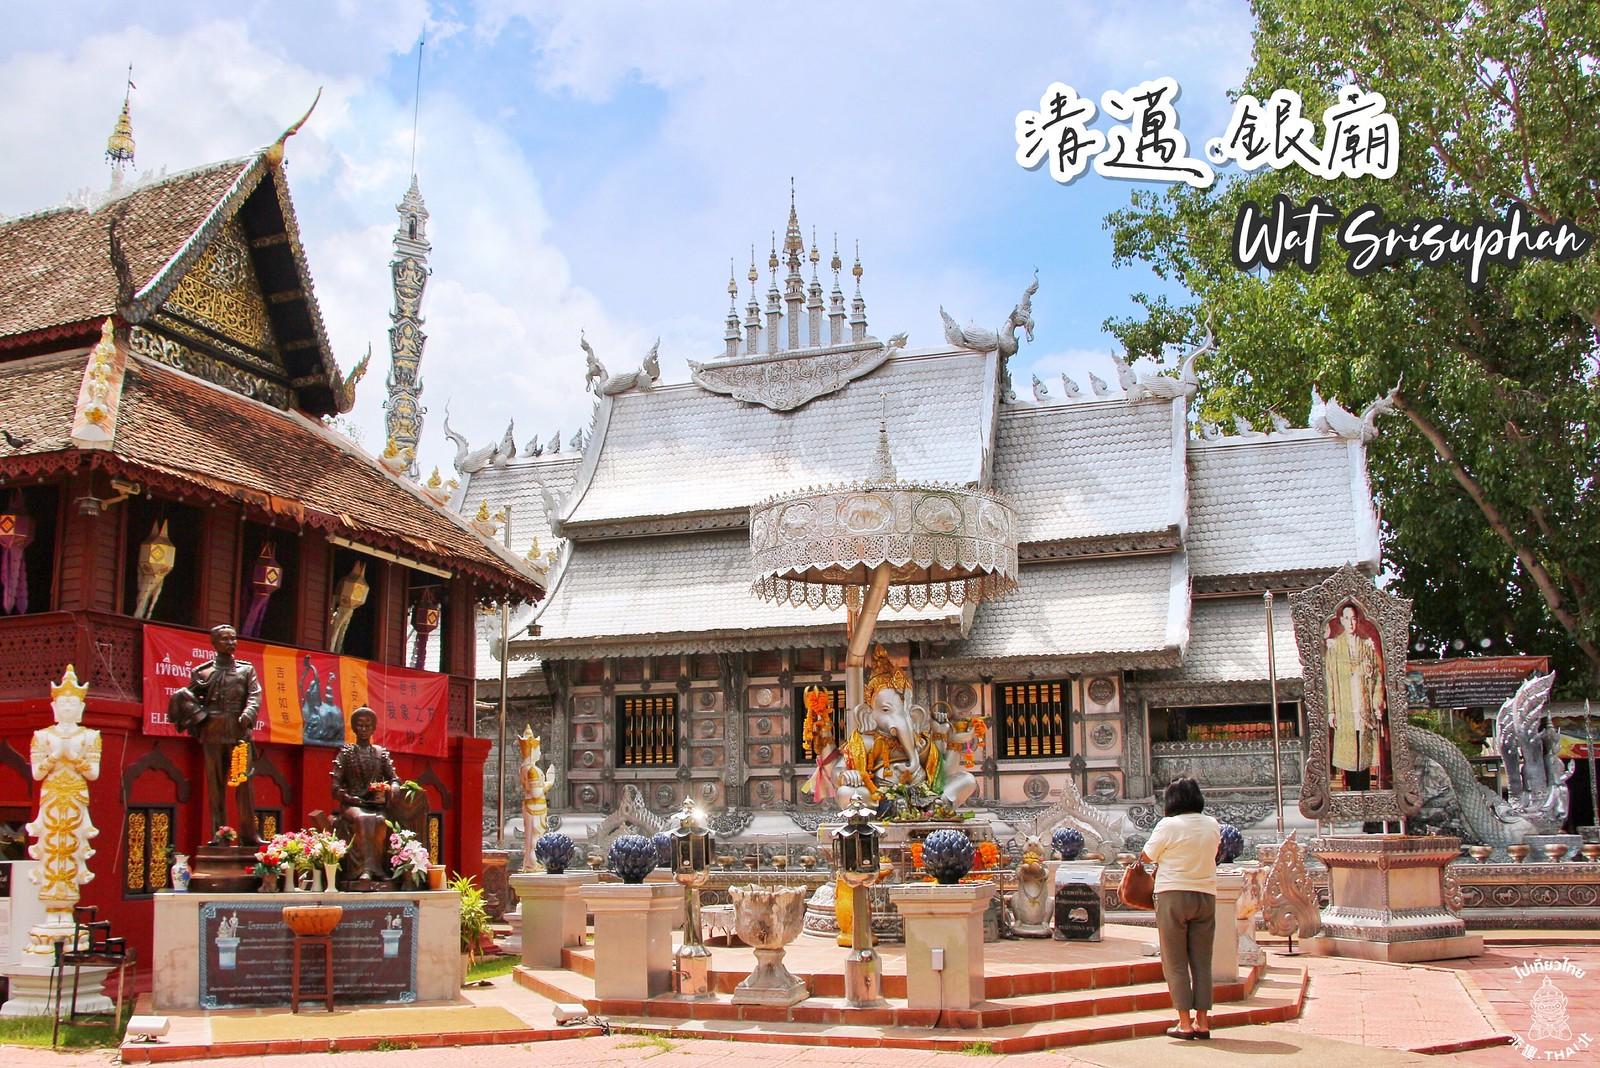 銀器與傳統工藝完美結合『銀廟 WatSrisuphan』